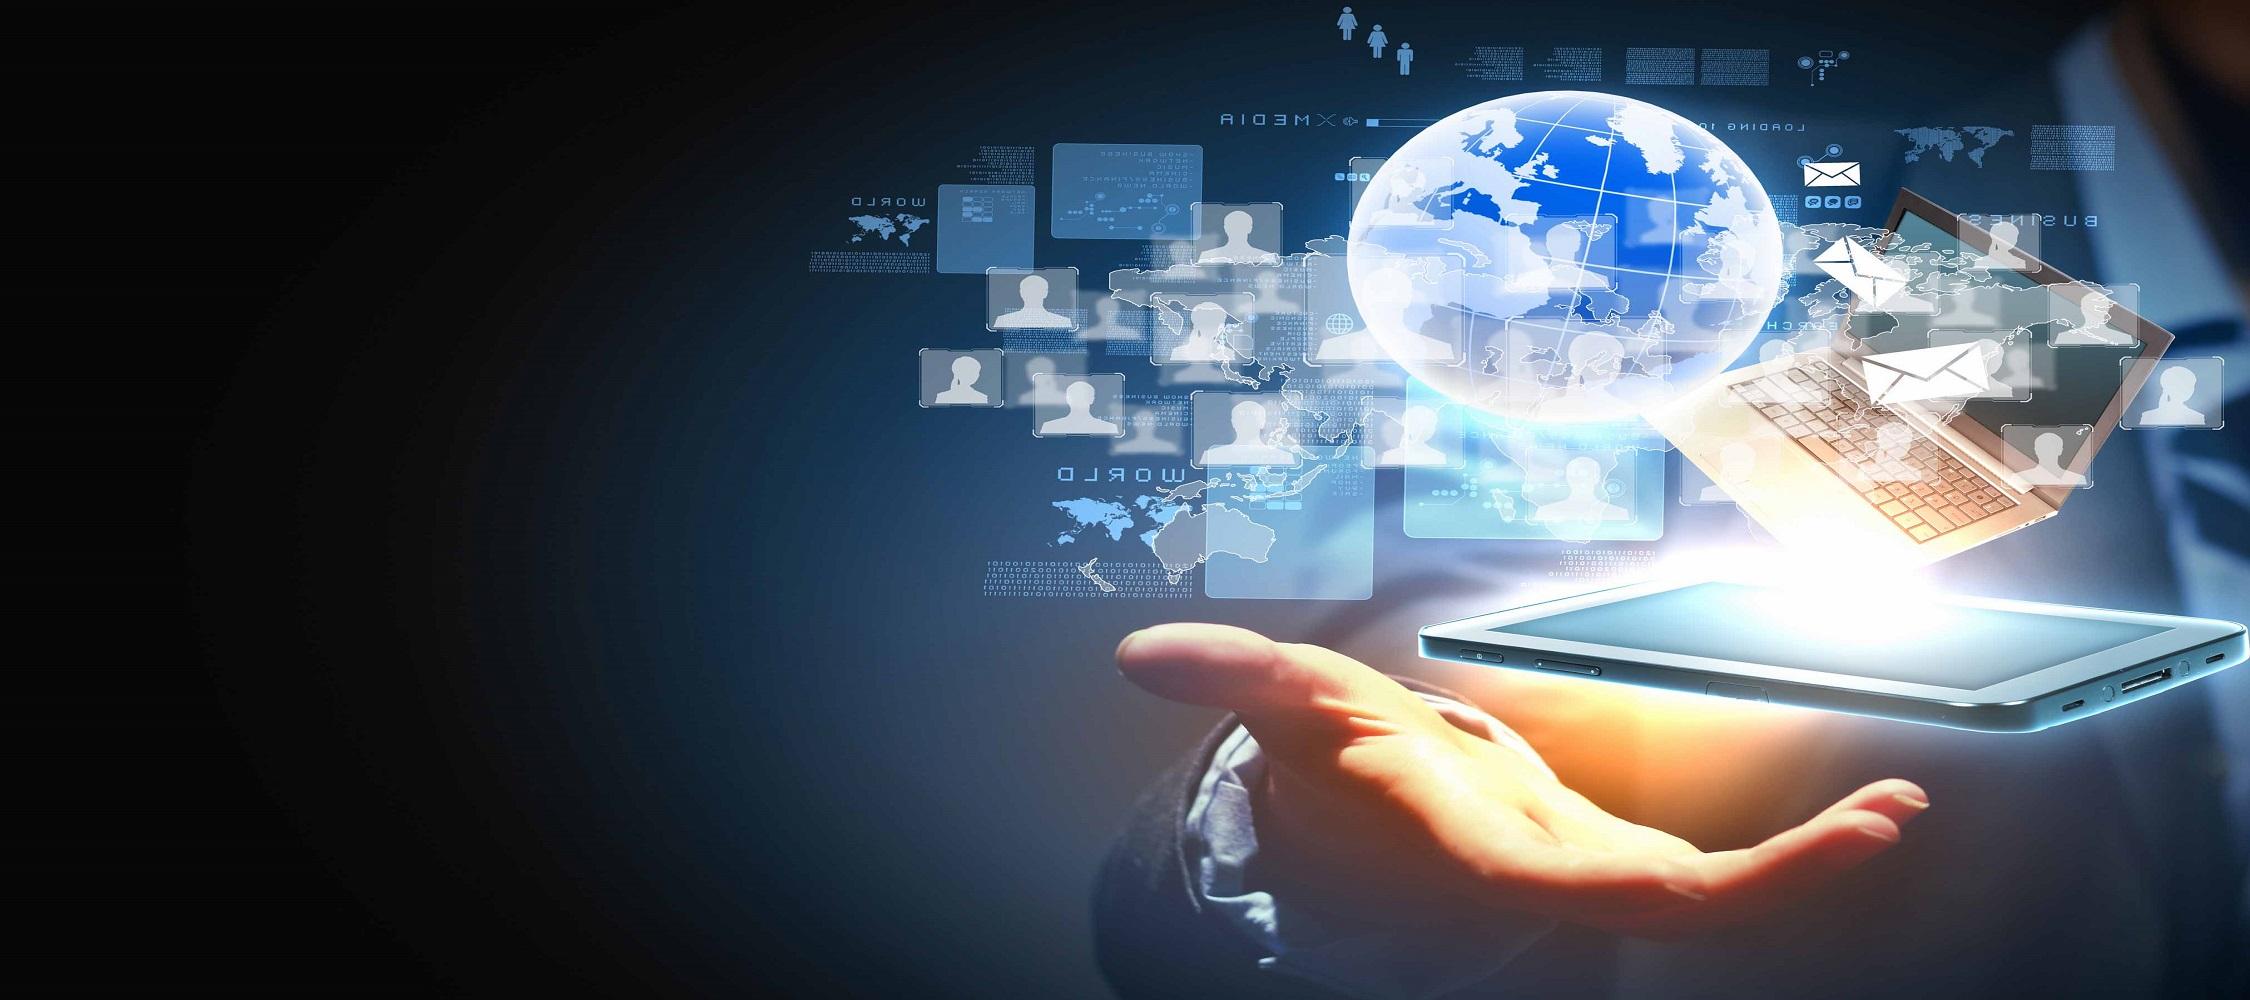 technology-news-4